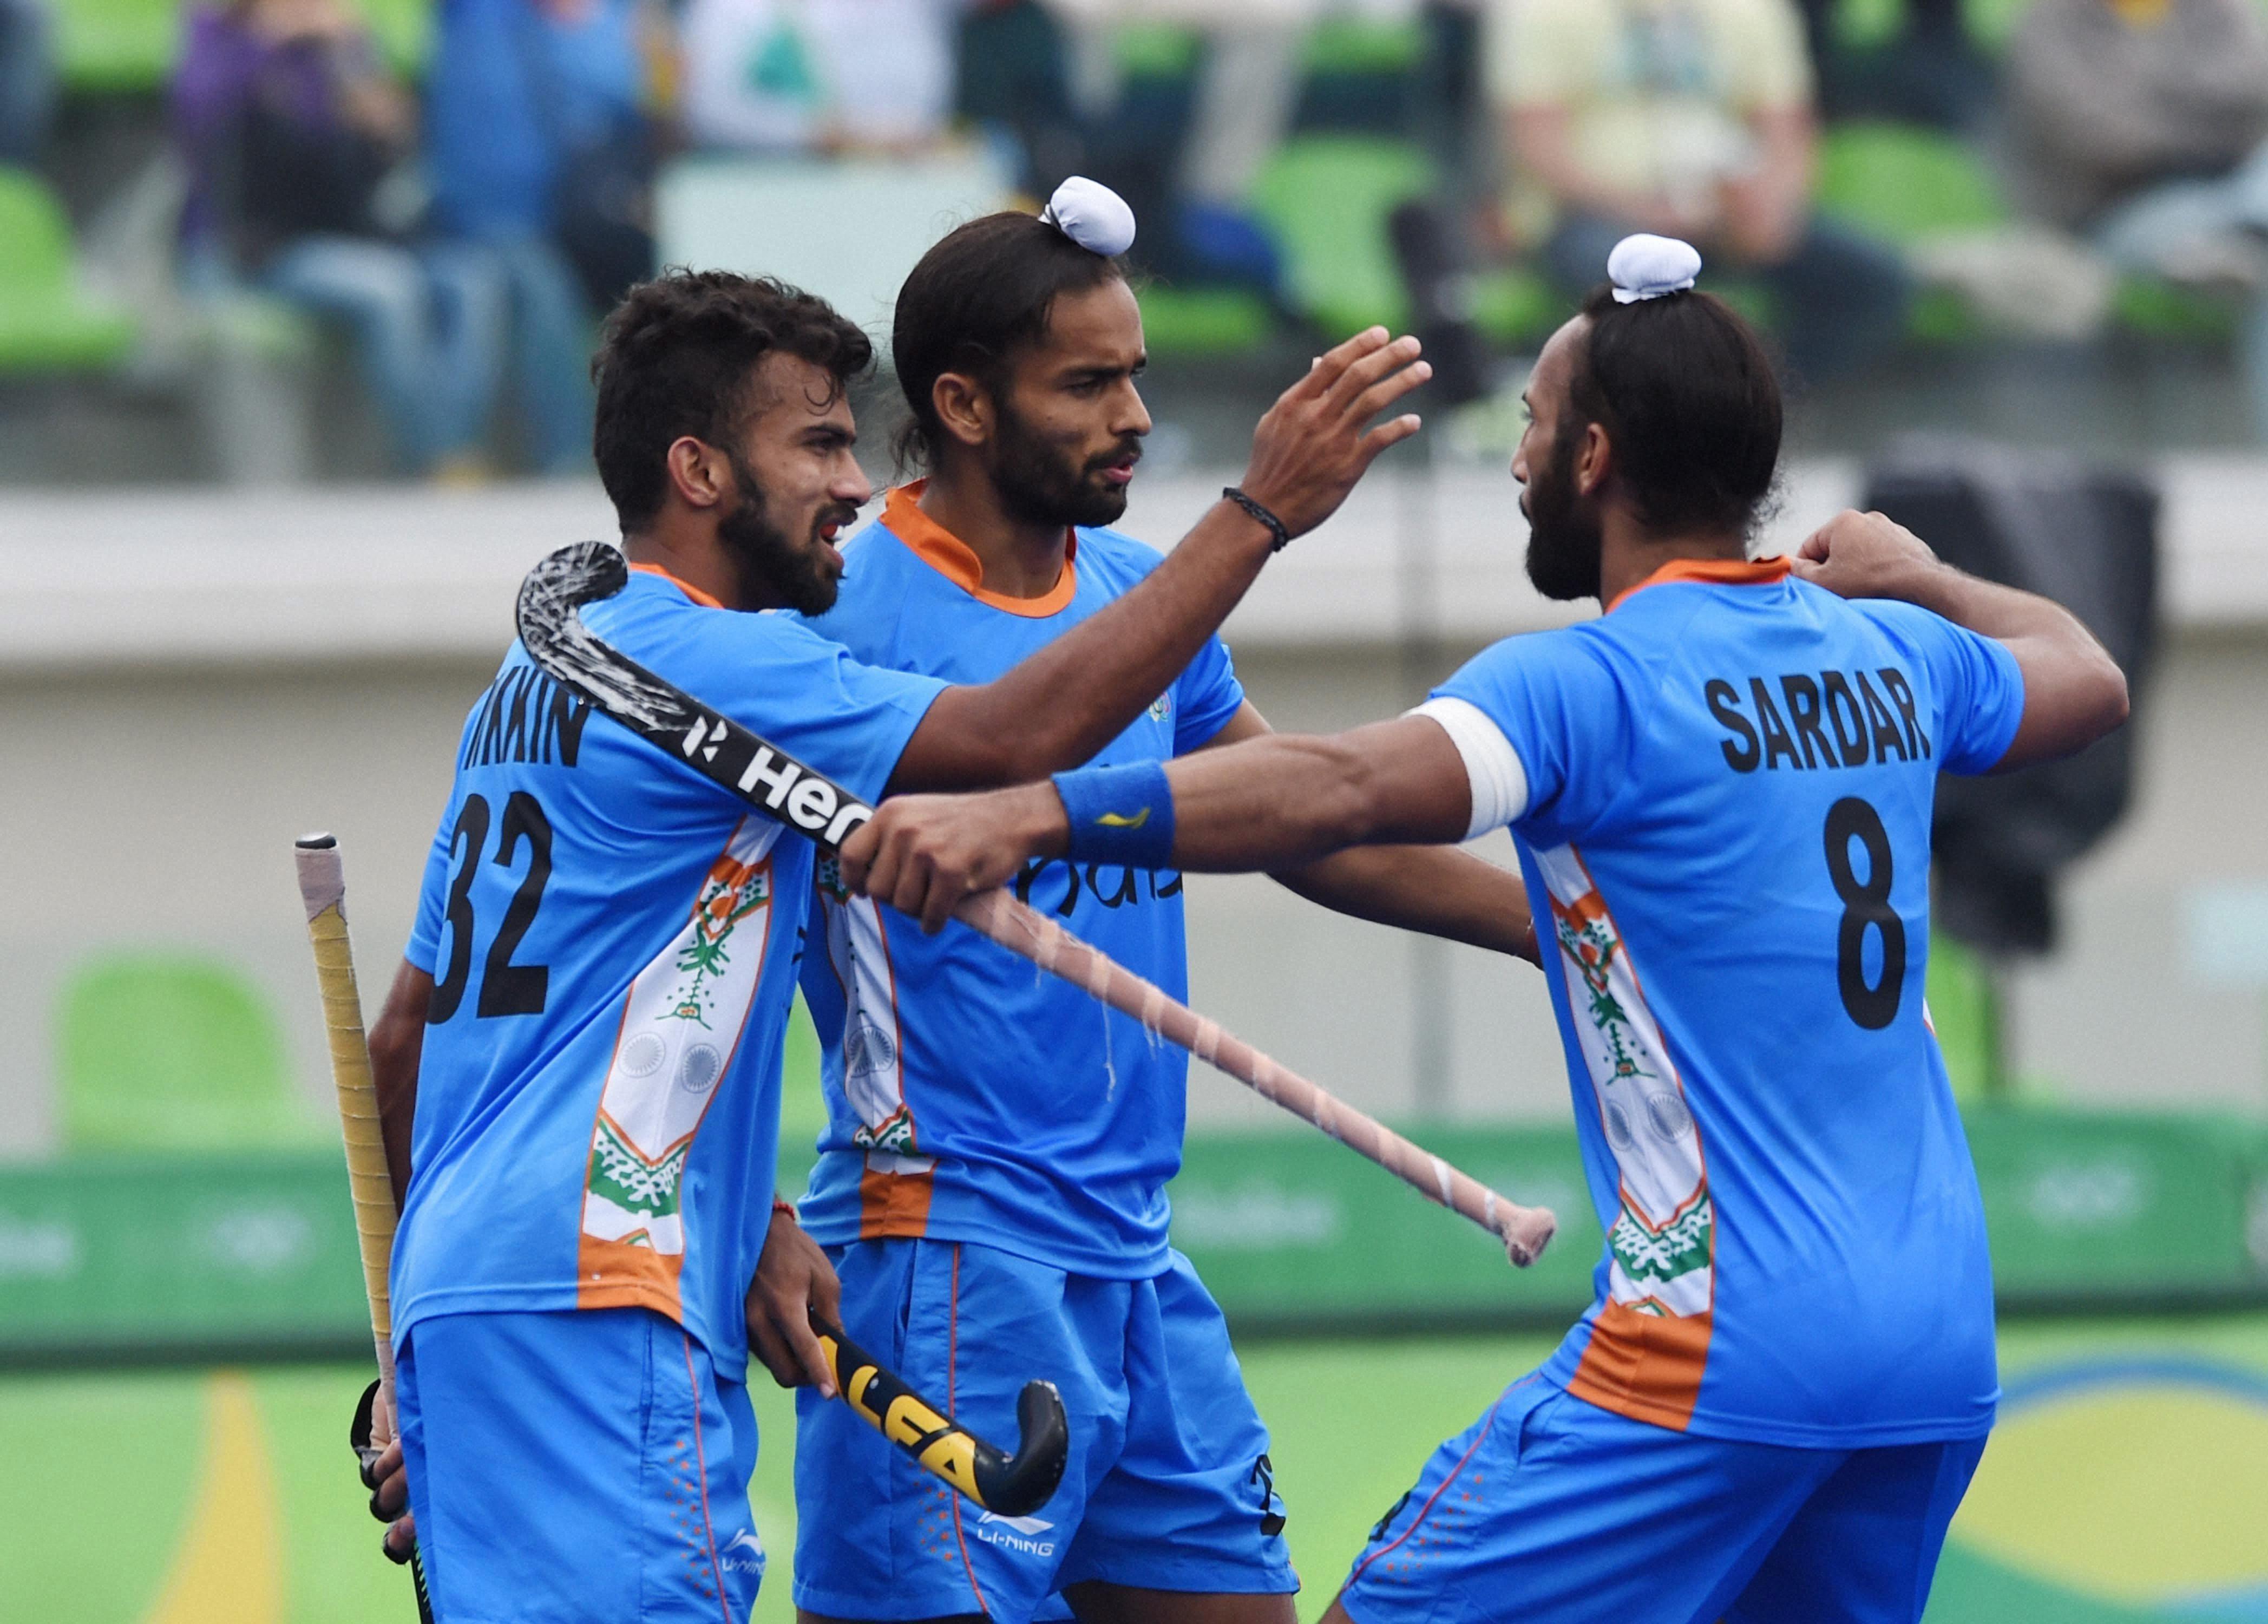 रियो 2016: भारत के पदक की उम्मीद बढ़ी, सानिया- बोपन्ना की जोड़ी सेमीफाइनल में